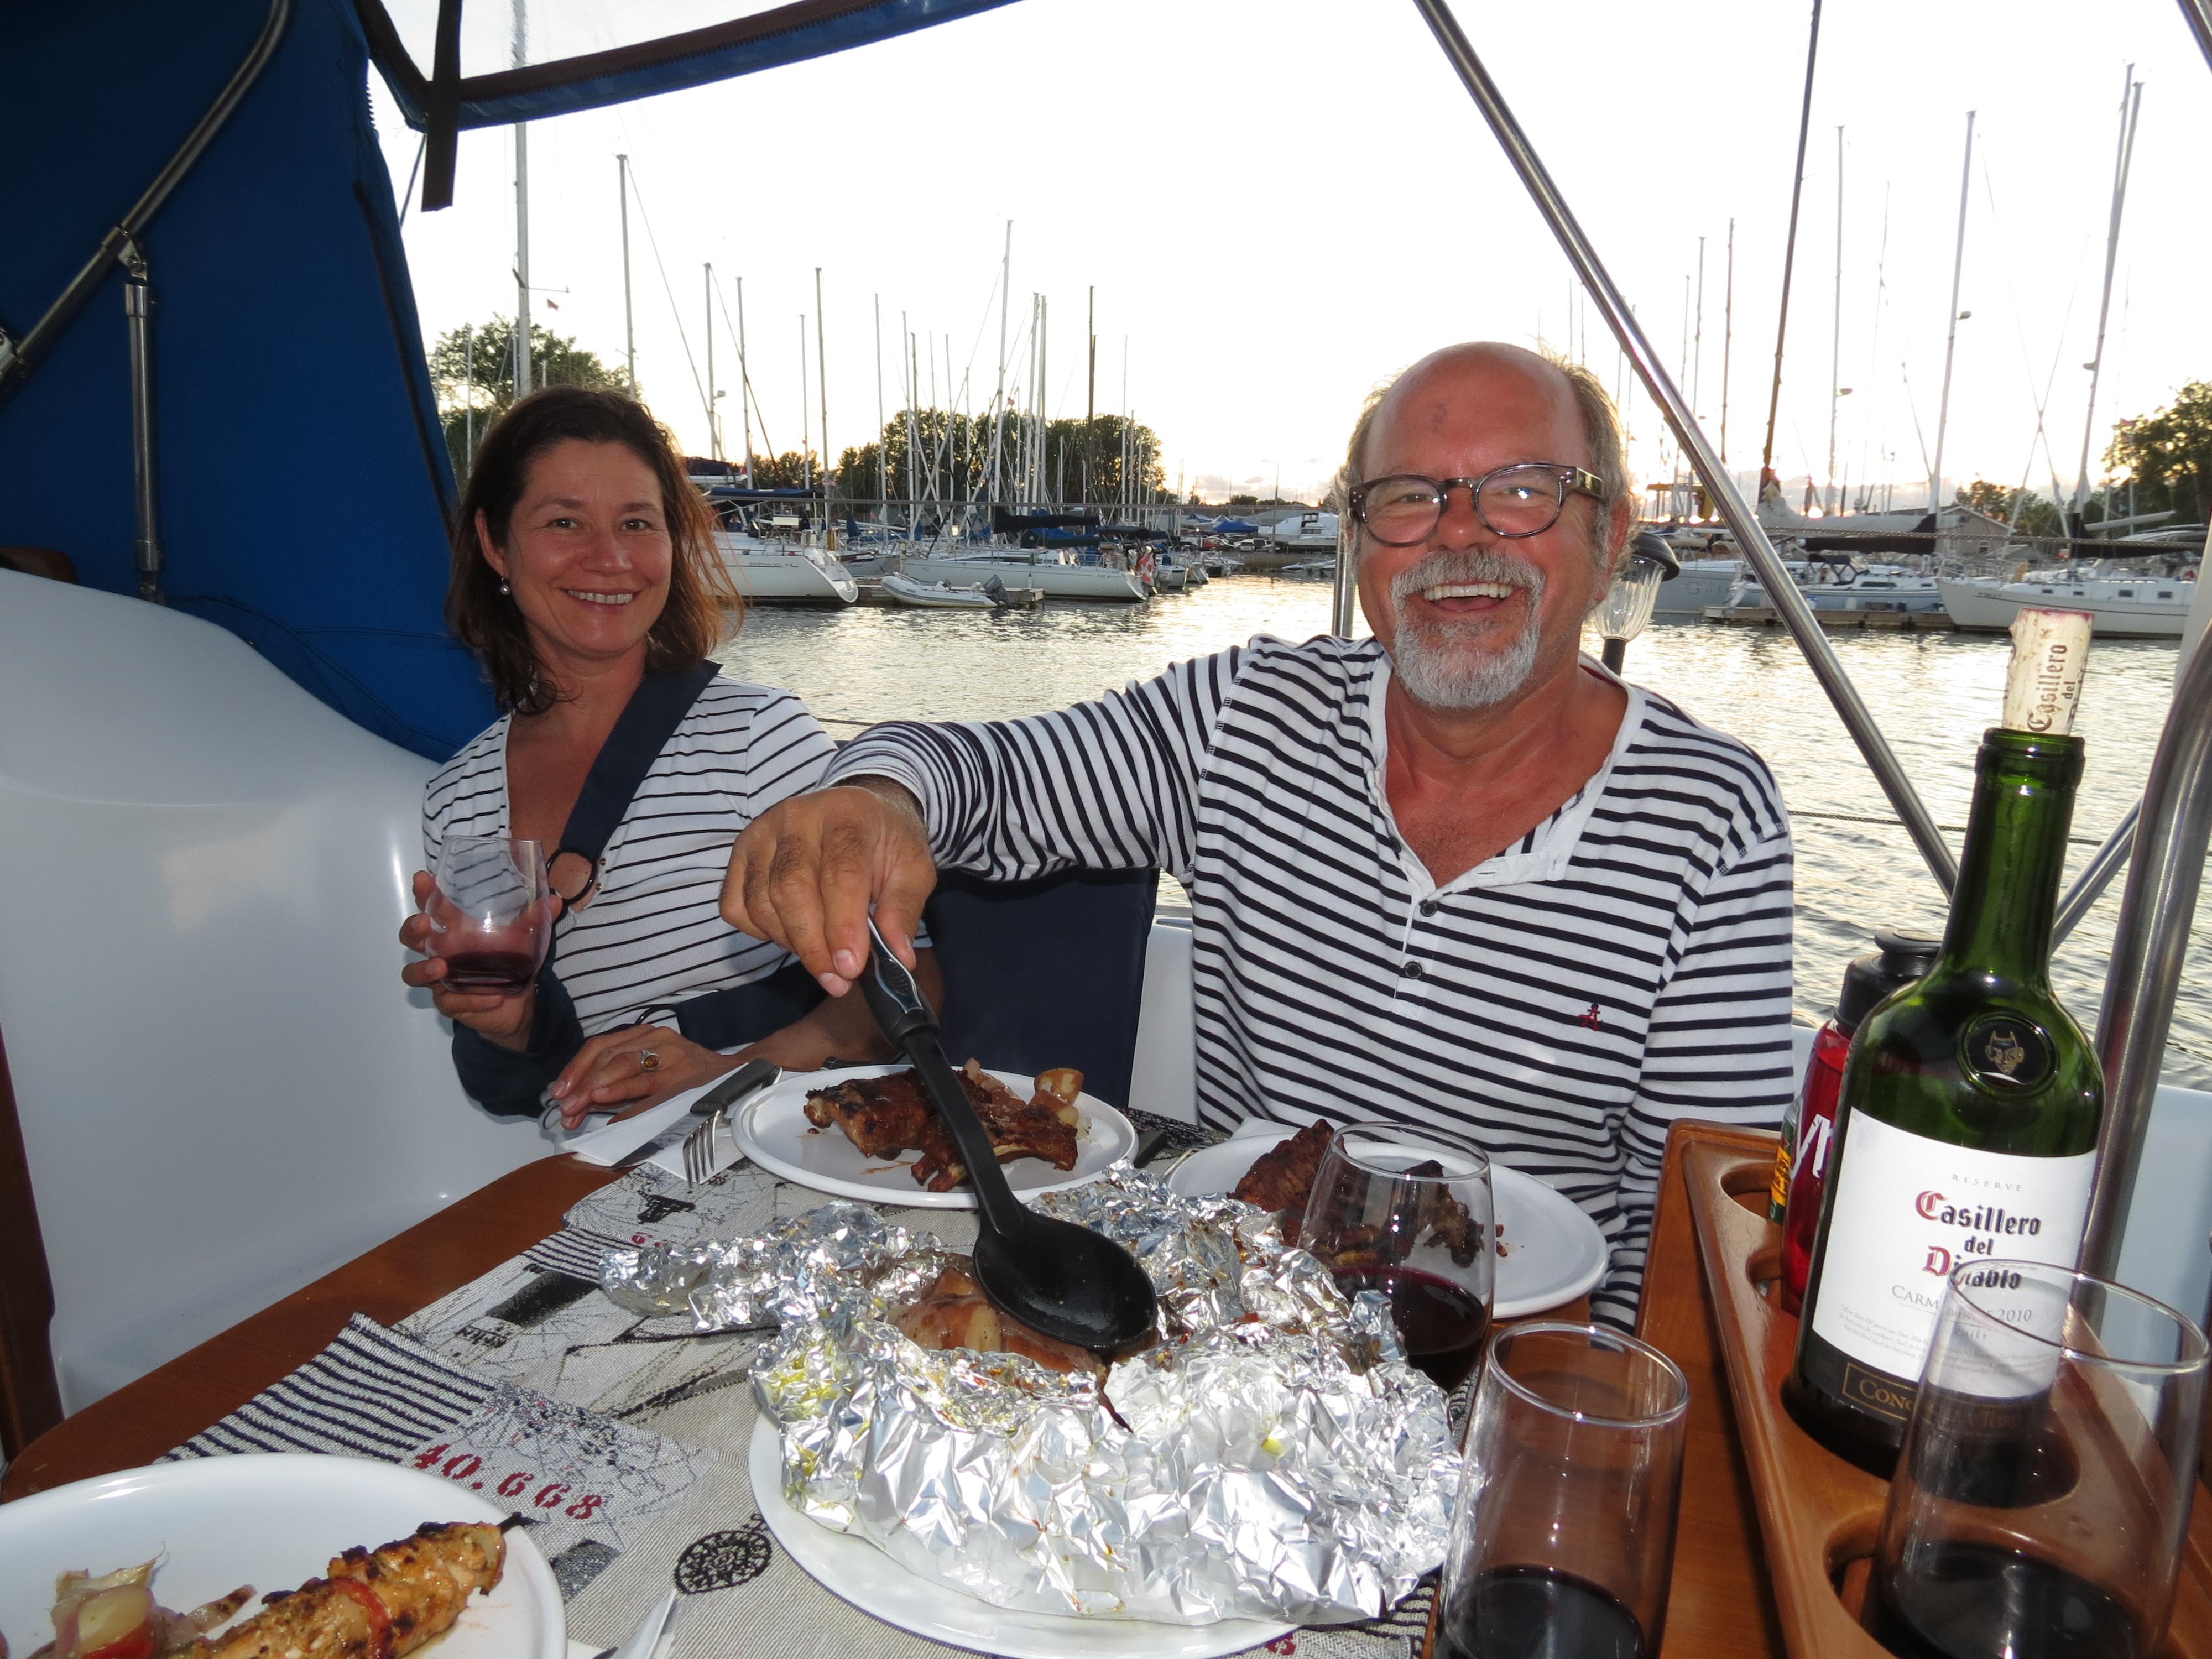 Marlène et Jocelyn formons  un couple heureux depuis 10 ans qui vit une belle aventure de voilier pendant notre année sabbatique dans les Caraïbes.